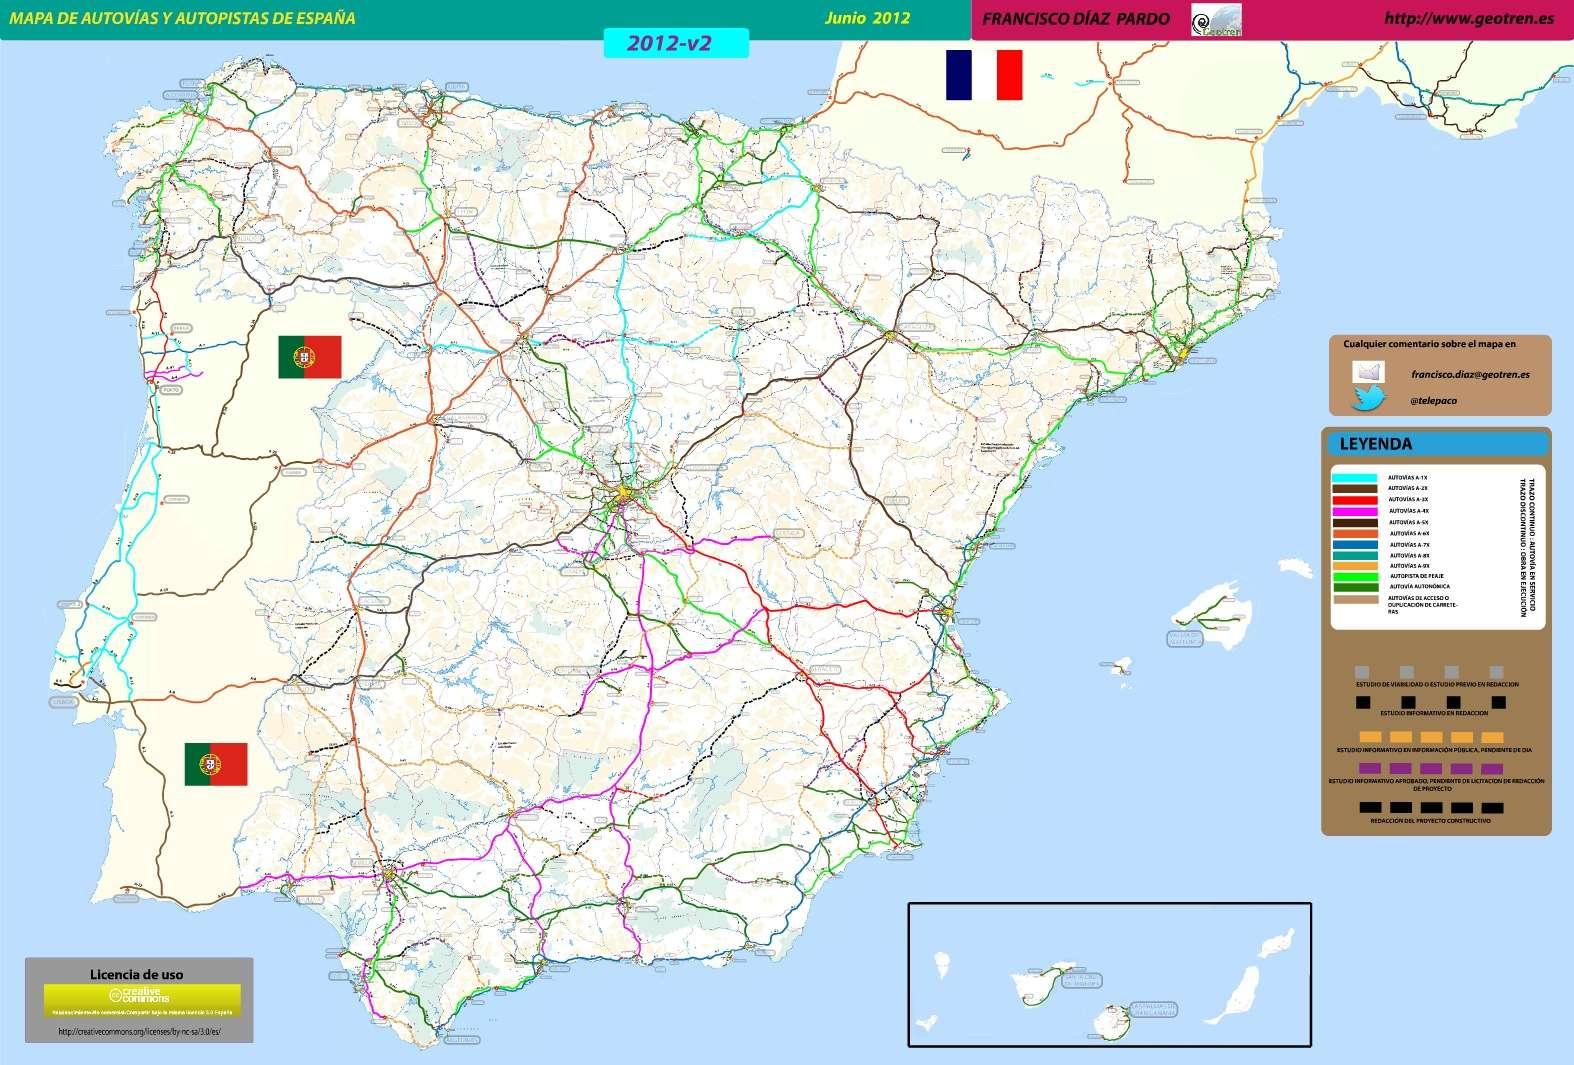 Mapa de Autovas y Autopistas de Espaa  Actualizacin Junio 2012